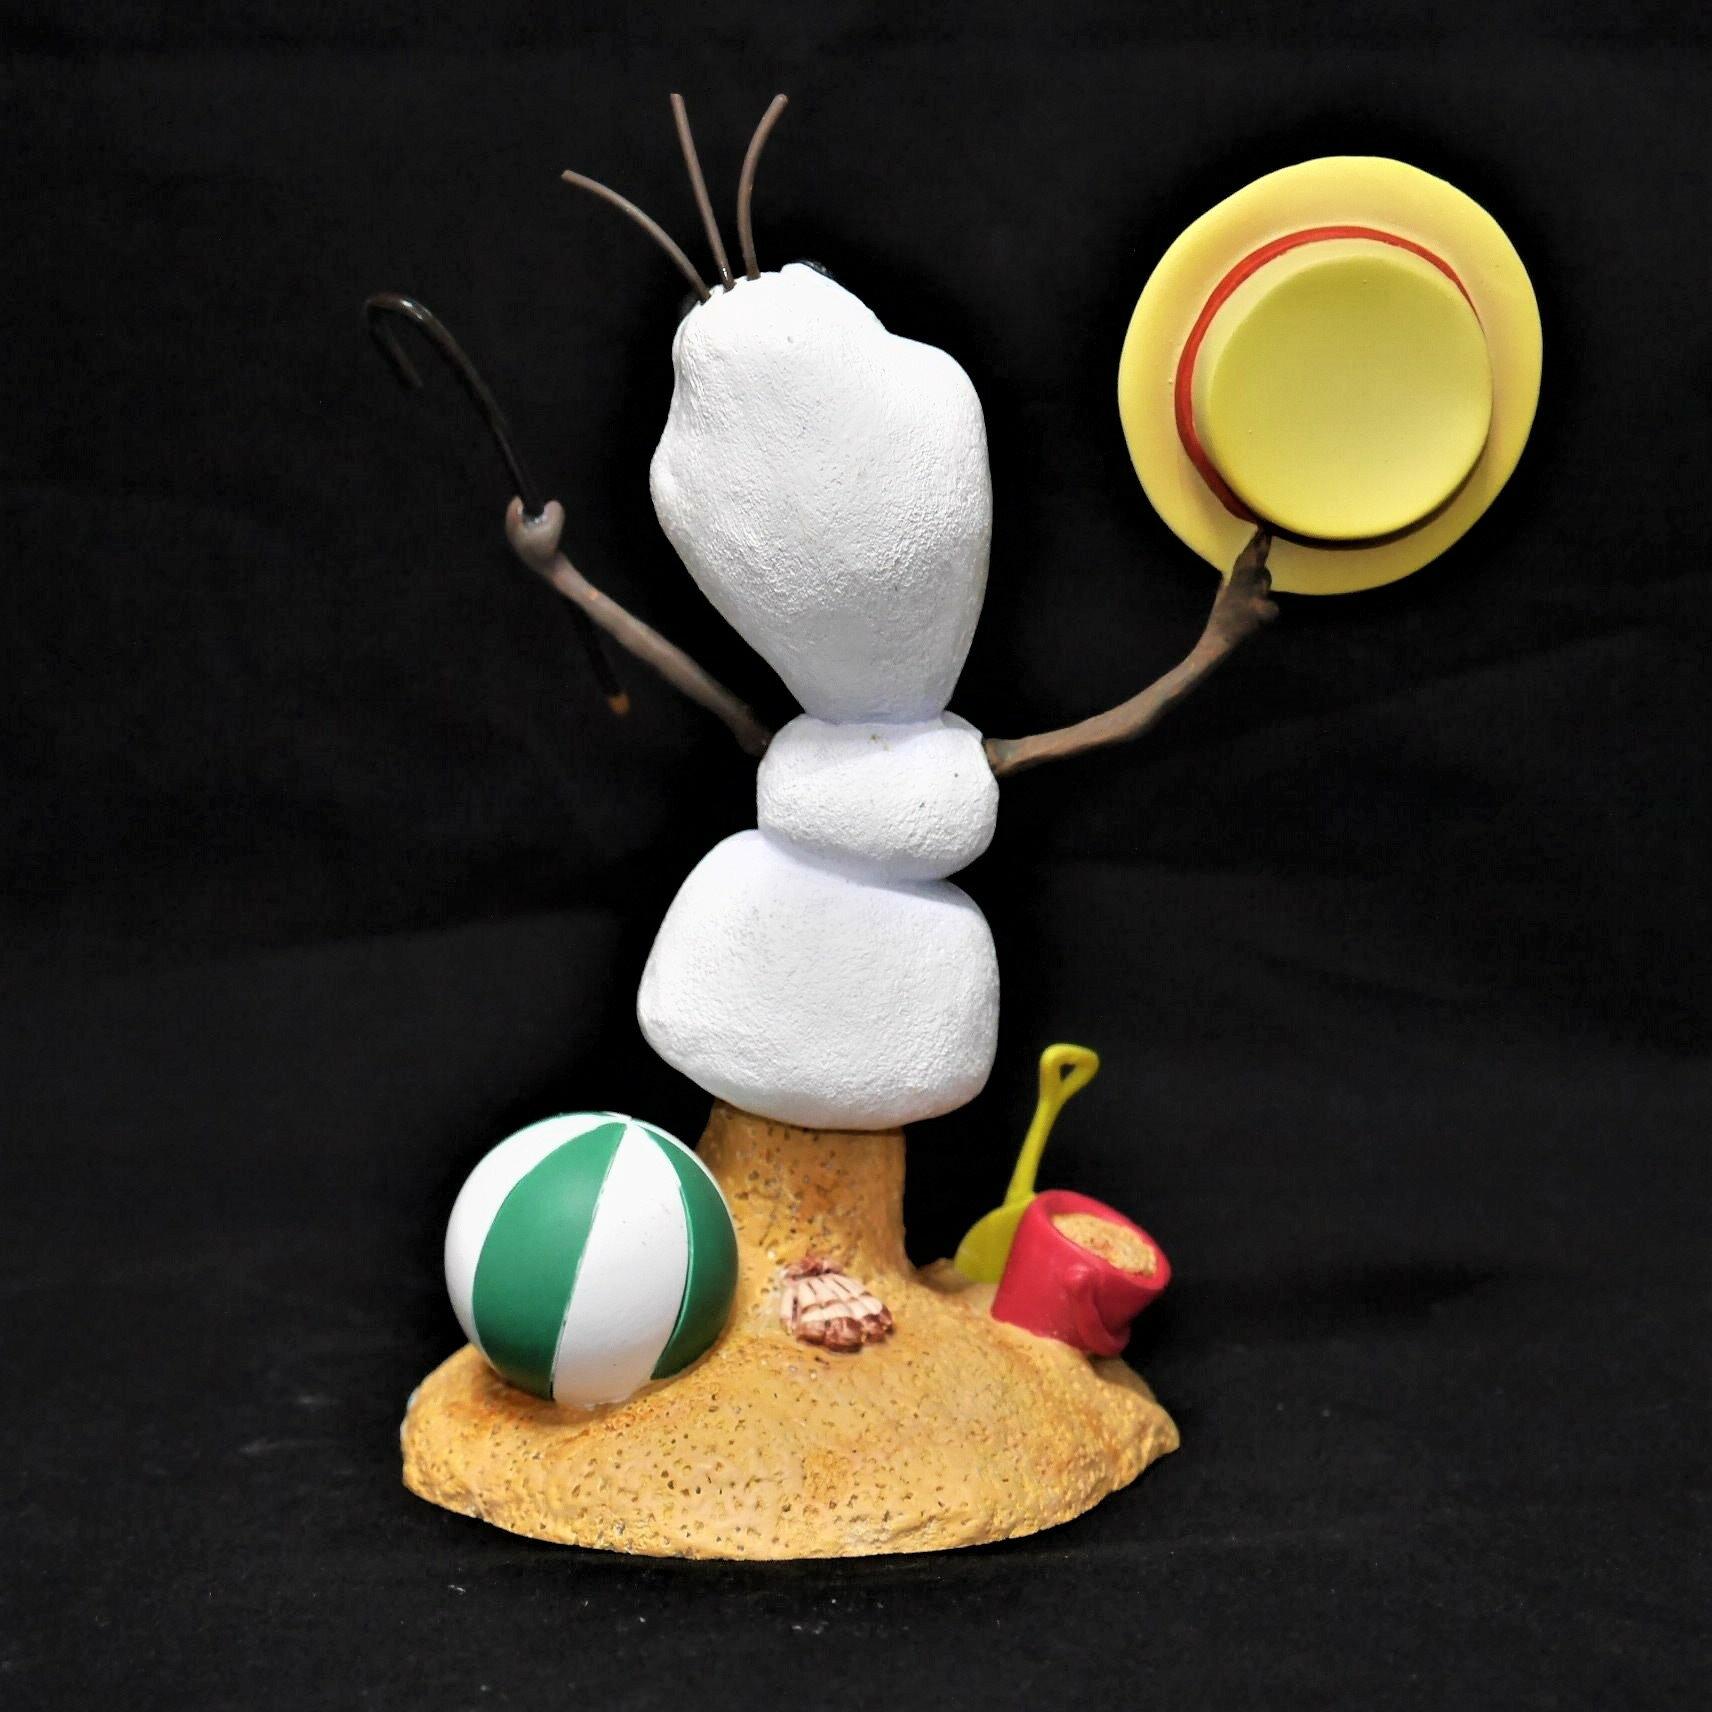 冰雪奇緣雪寶*精品/裝飾/擺飾/玩具《美國Enesco精品,迪士尼典藏超精美人偶》【曉風】 2